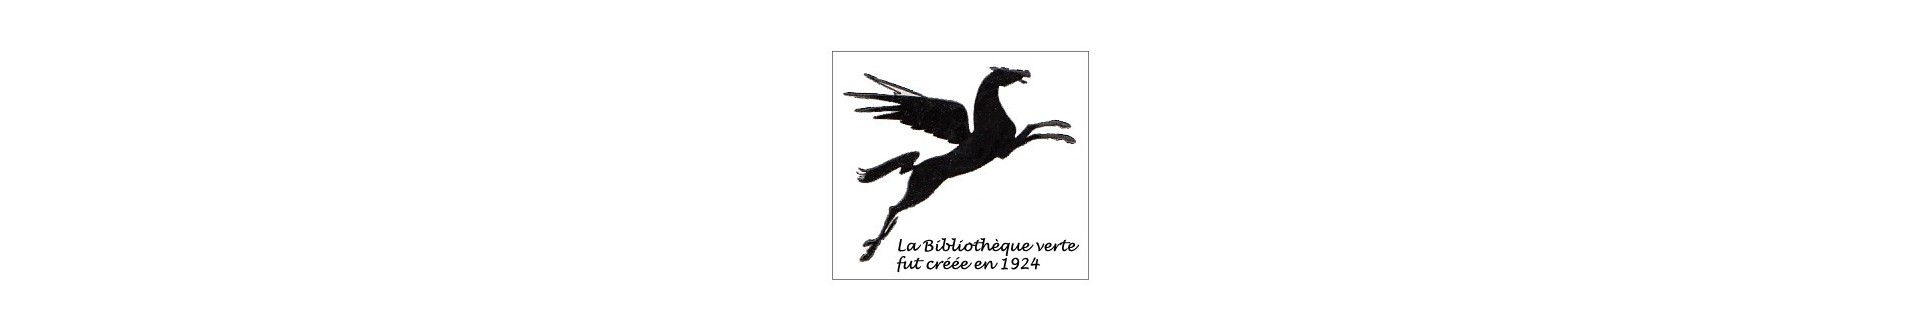 Livres Bibliothèque Verte | Éditions Hachette jeunesse